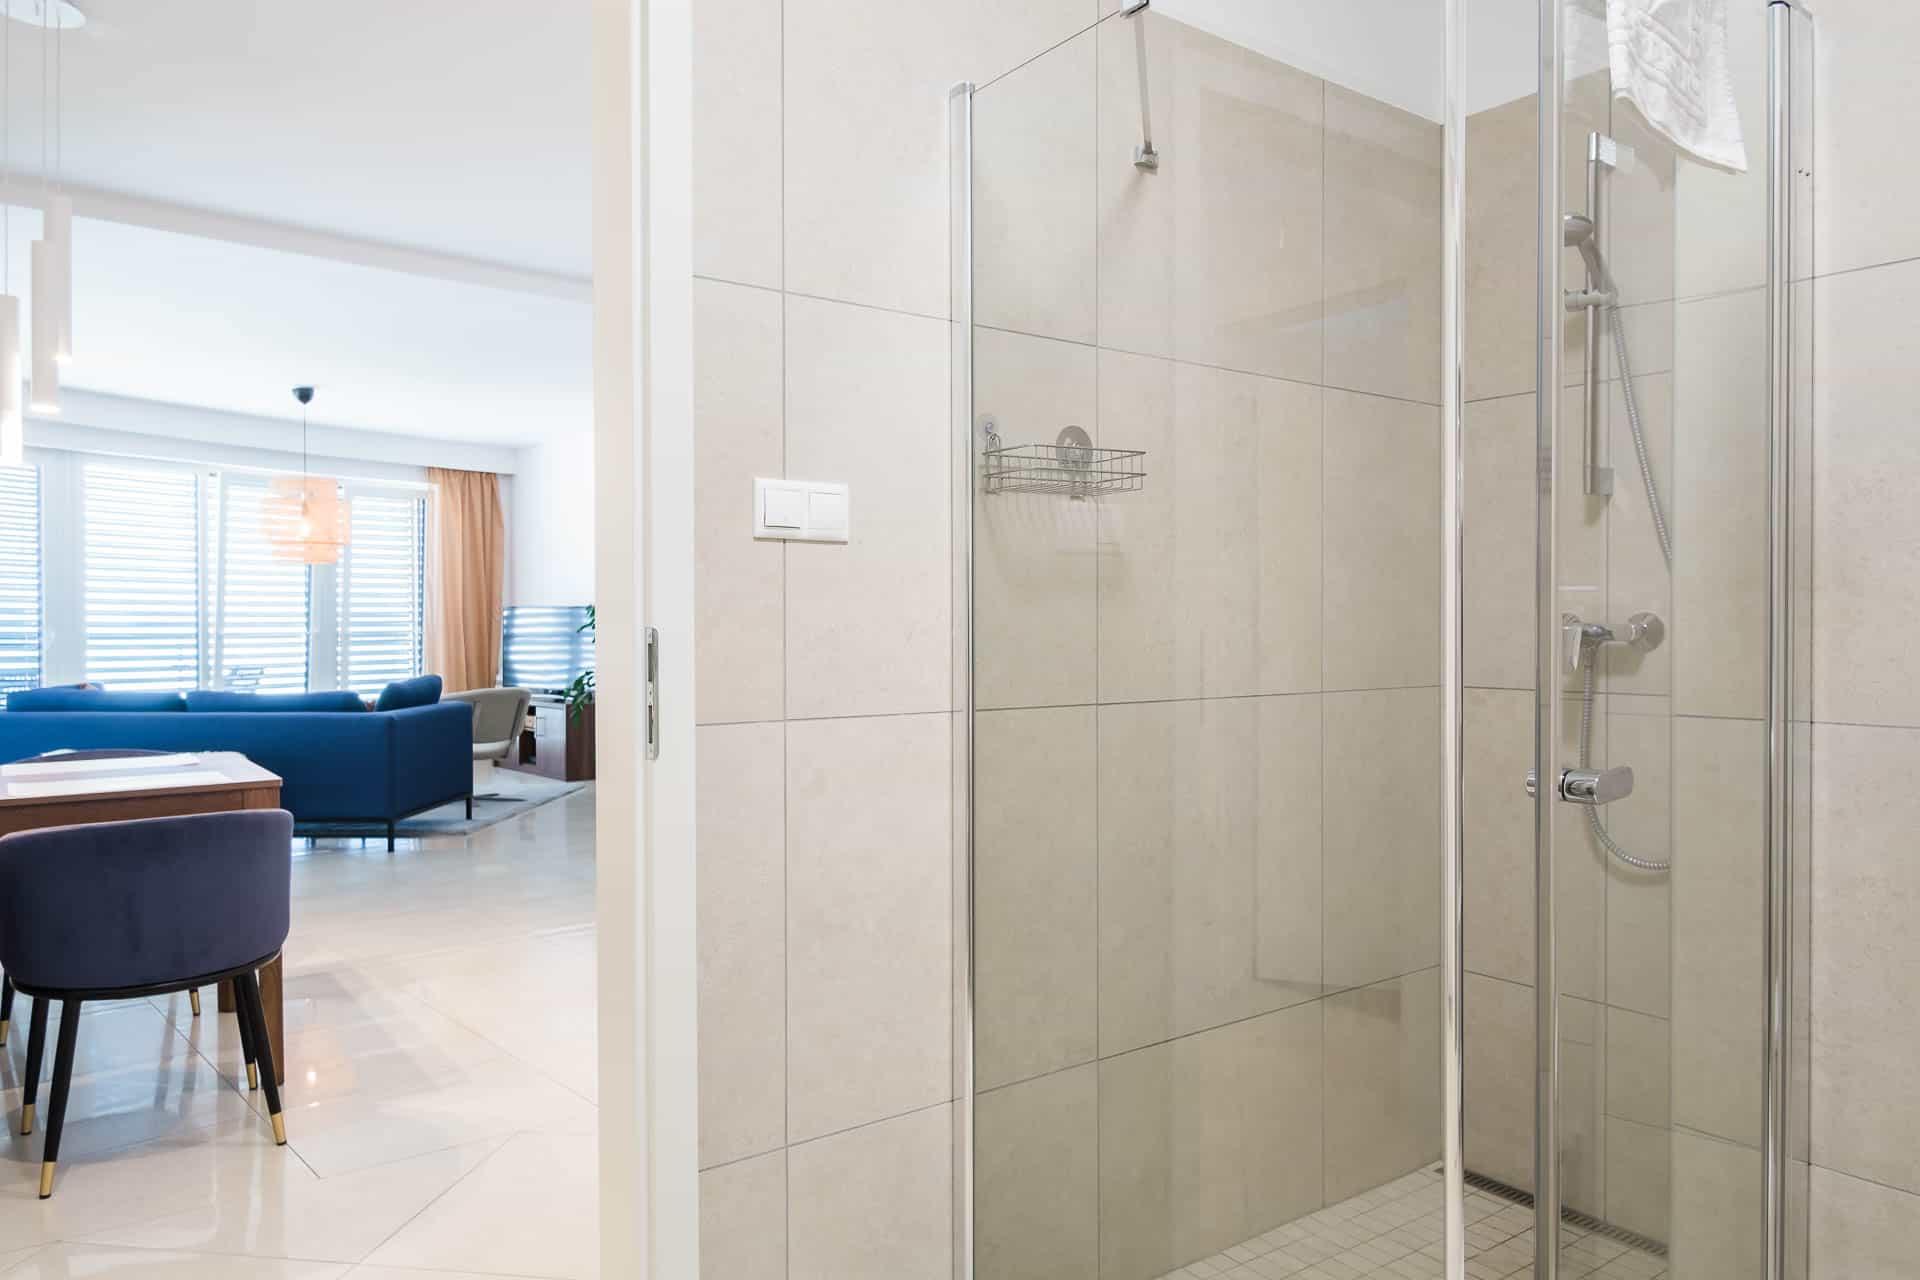 Prémum minőségű vízparti balatoni panorámás Apartmanok Keszthely - fürdőszoba háttérben a nappali.